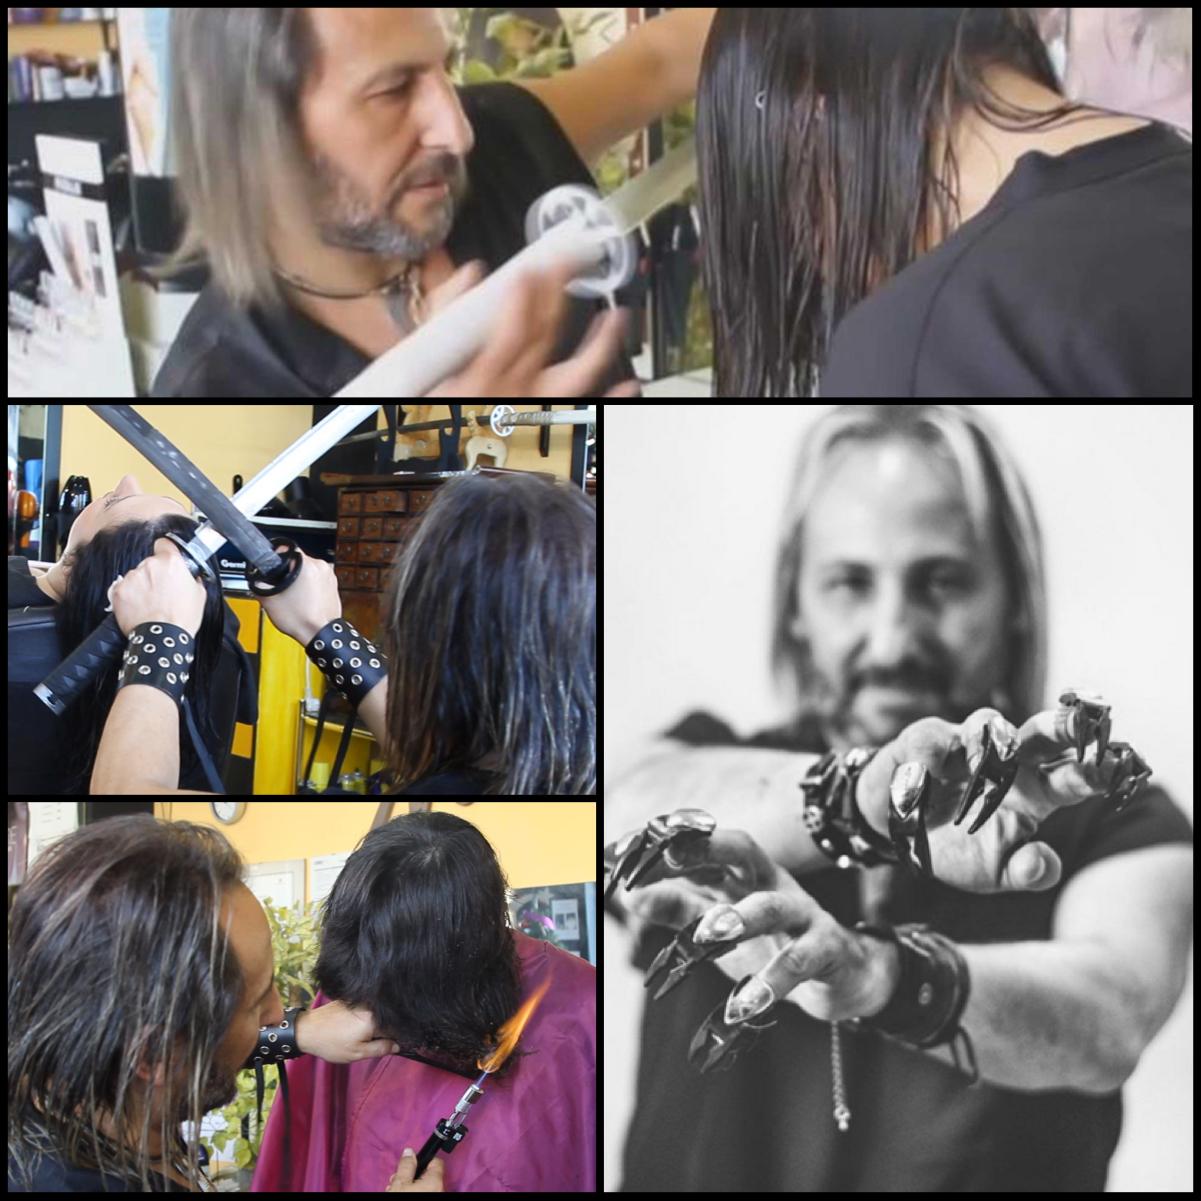 Alberto Olmedo stříhá vlasy mečem, ohněm a speciálními prstovými nůžkami. I proto si vysloužil přezdívku Střihoruký Edward.